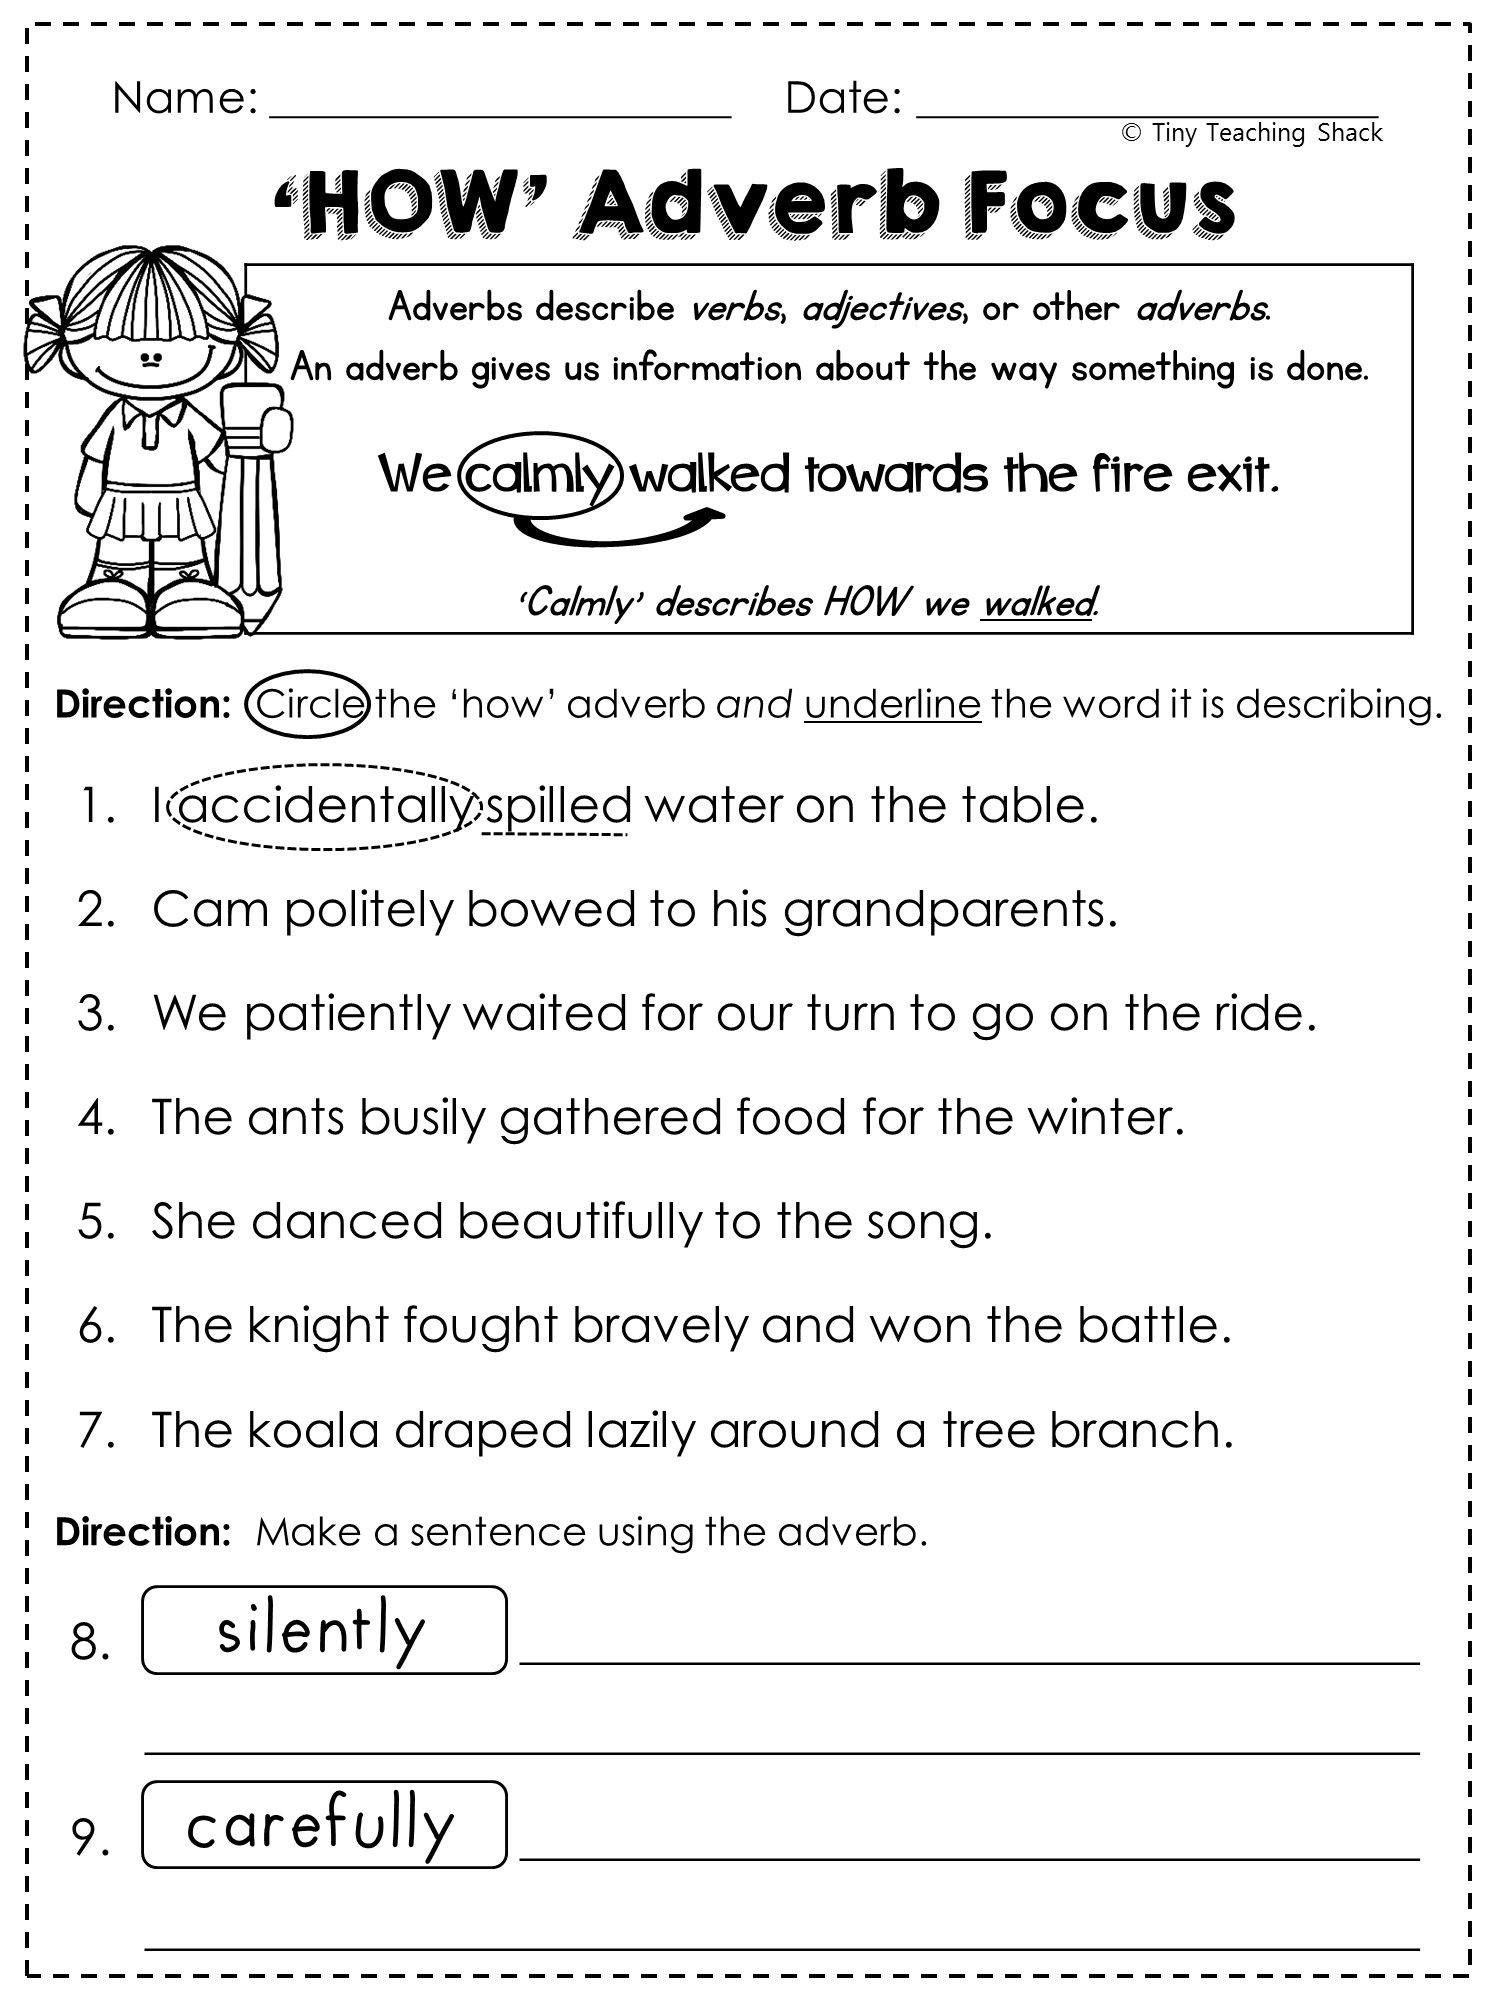 Grade 6 Printable Worksheets Beautiful Grade 6 English Worksheets - Year 2 Free Printable Worksheets